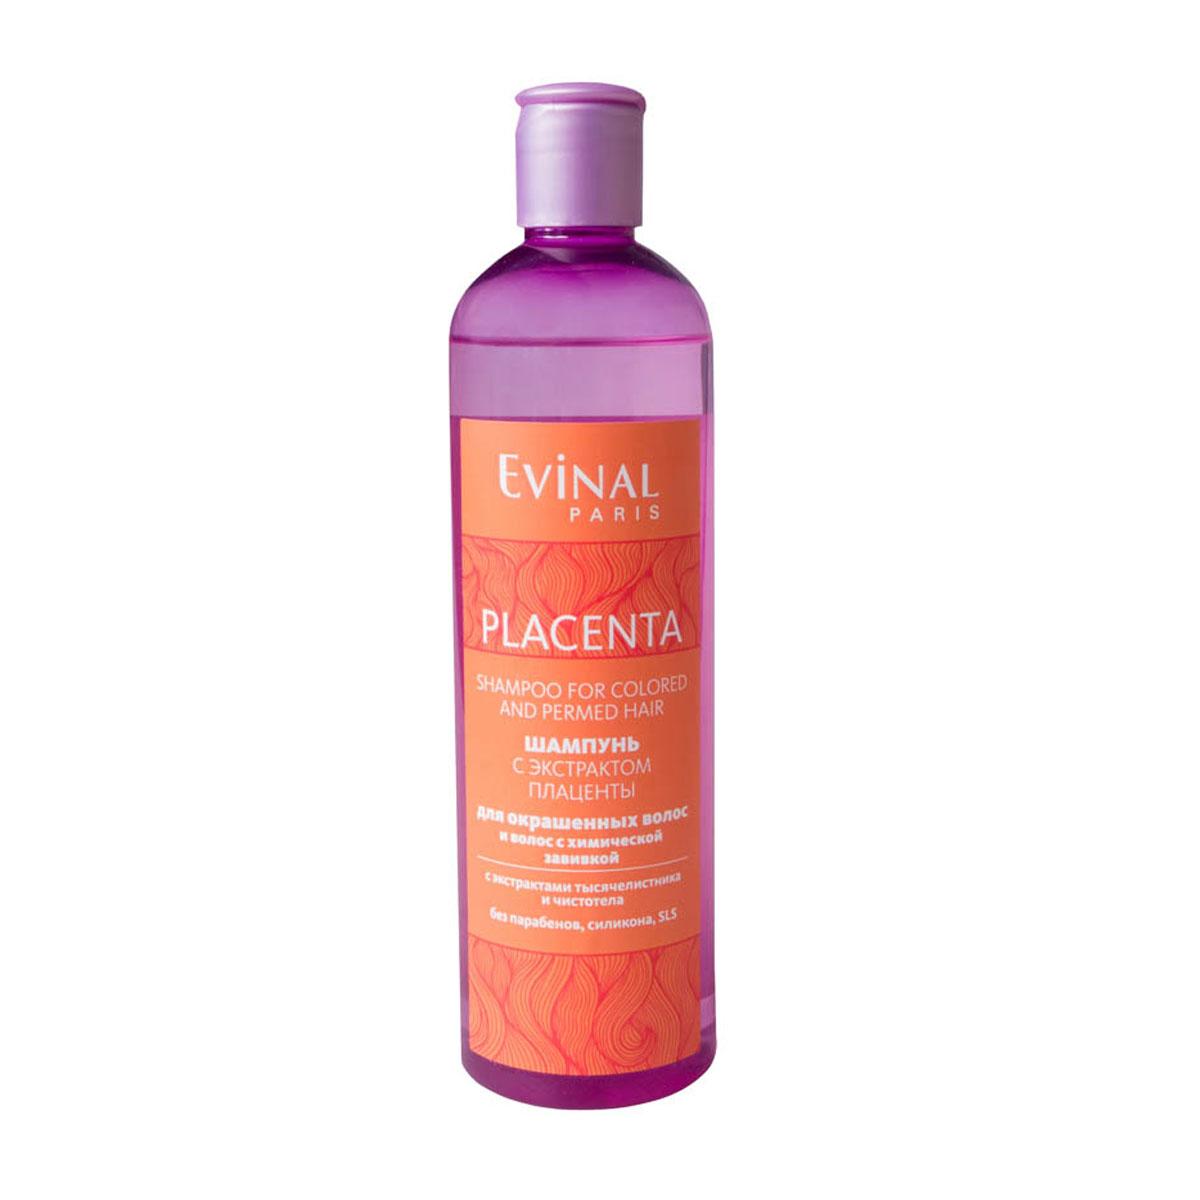 Шампунь Evinal с экстрактом плаценты;для окрашенных волос и волос с химической завивкой;300 млMP59.4DШампунь с экстрактом плаценты для окрашенных волос и волос с химической завивкой.Шампунь Evinal с экстрактом плаценты предназначен для окрашенных волос и волос с химической завивкой.Показания к применению: выпадение волос;слабые и ломкие волосы;секущиеся концы волос. Частое применение красителей и других химических средств для волос.Результат клинических испытаний: шампунь надежно останавливает выпадение волос в 83% случаев;усиливает рост новых волос до 3см за 60дней применения шампуня в 90% случаев;придает объем блеск и силу в 100% случаев.Рекомендован для ежедневного использования. Максимальный результат достигается при совместном использовании шампуня и бальзама на плаценте в течение 60 дней.Хранить при комнатной температуре. Срок годности 24 месяца. Объем 300мл.